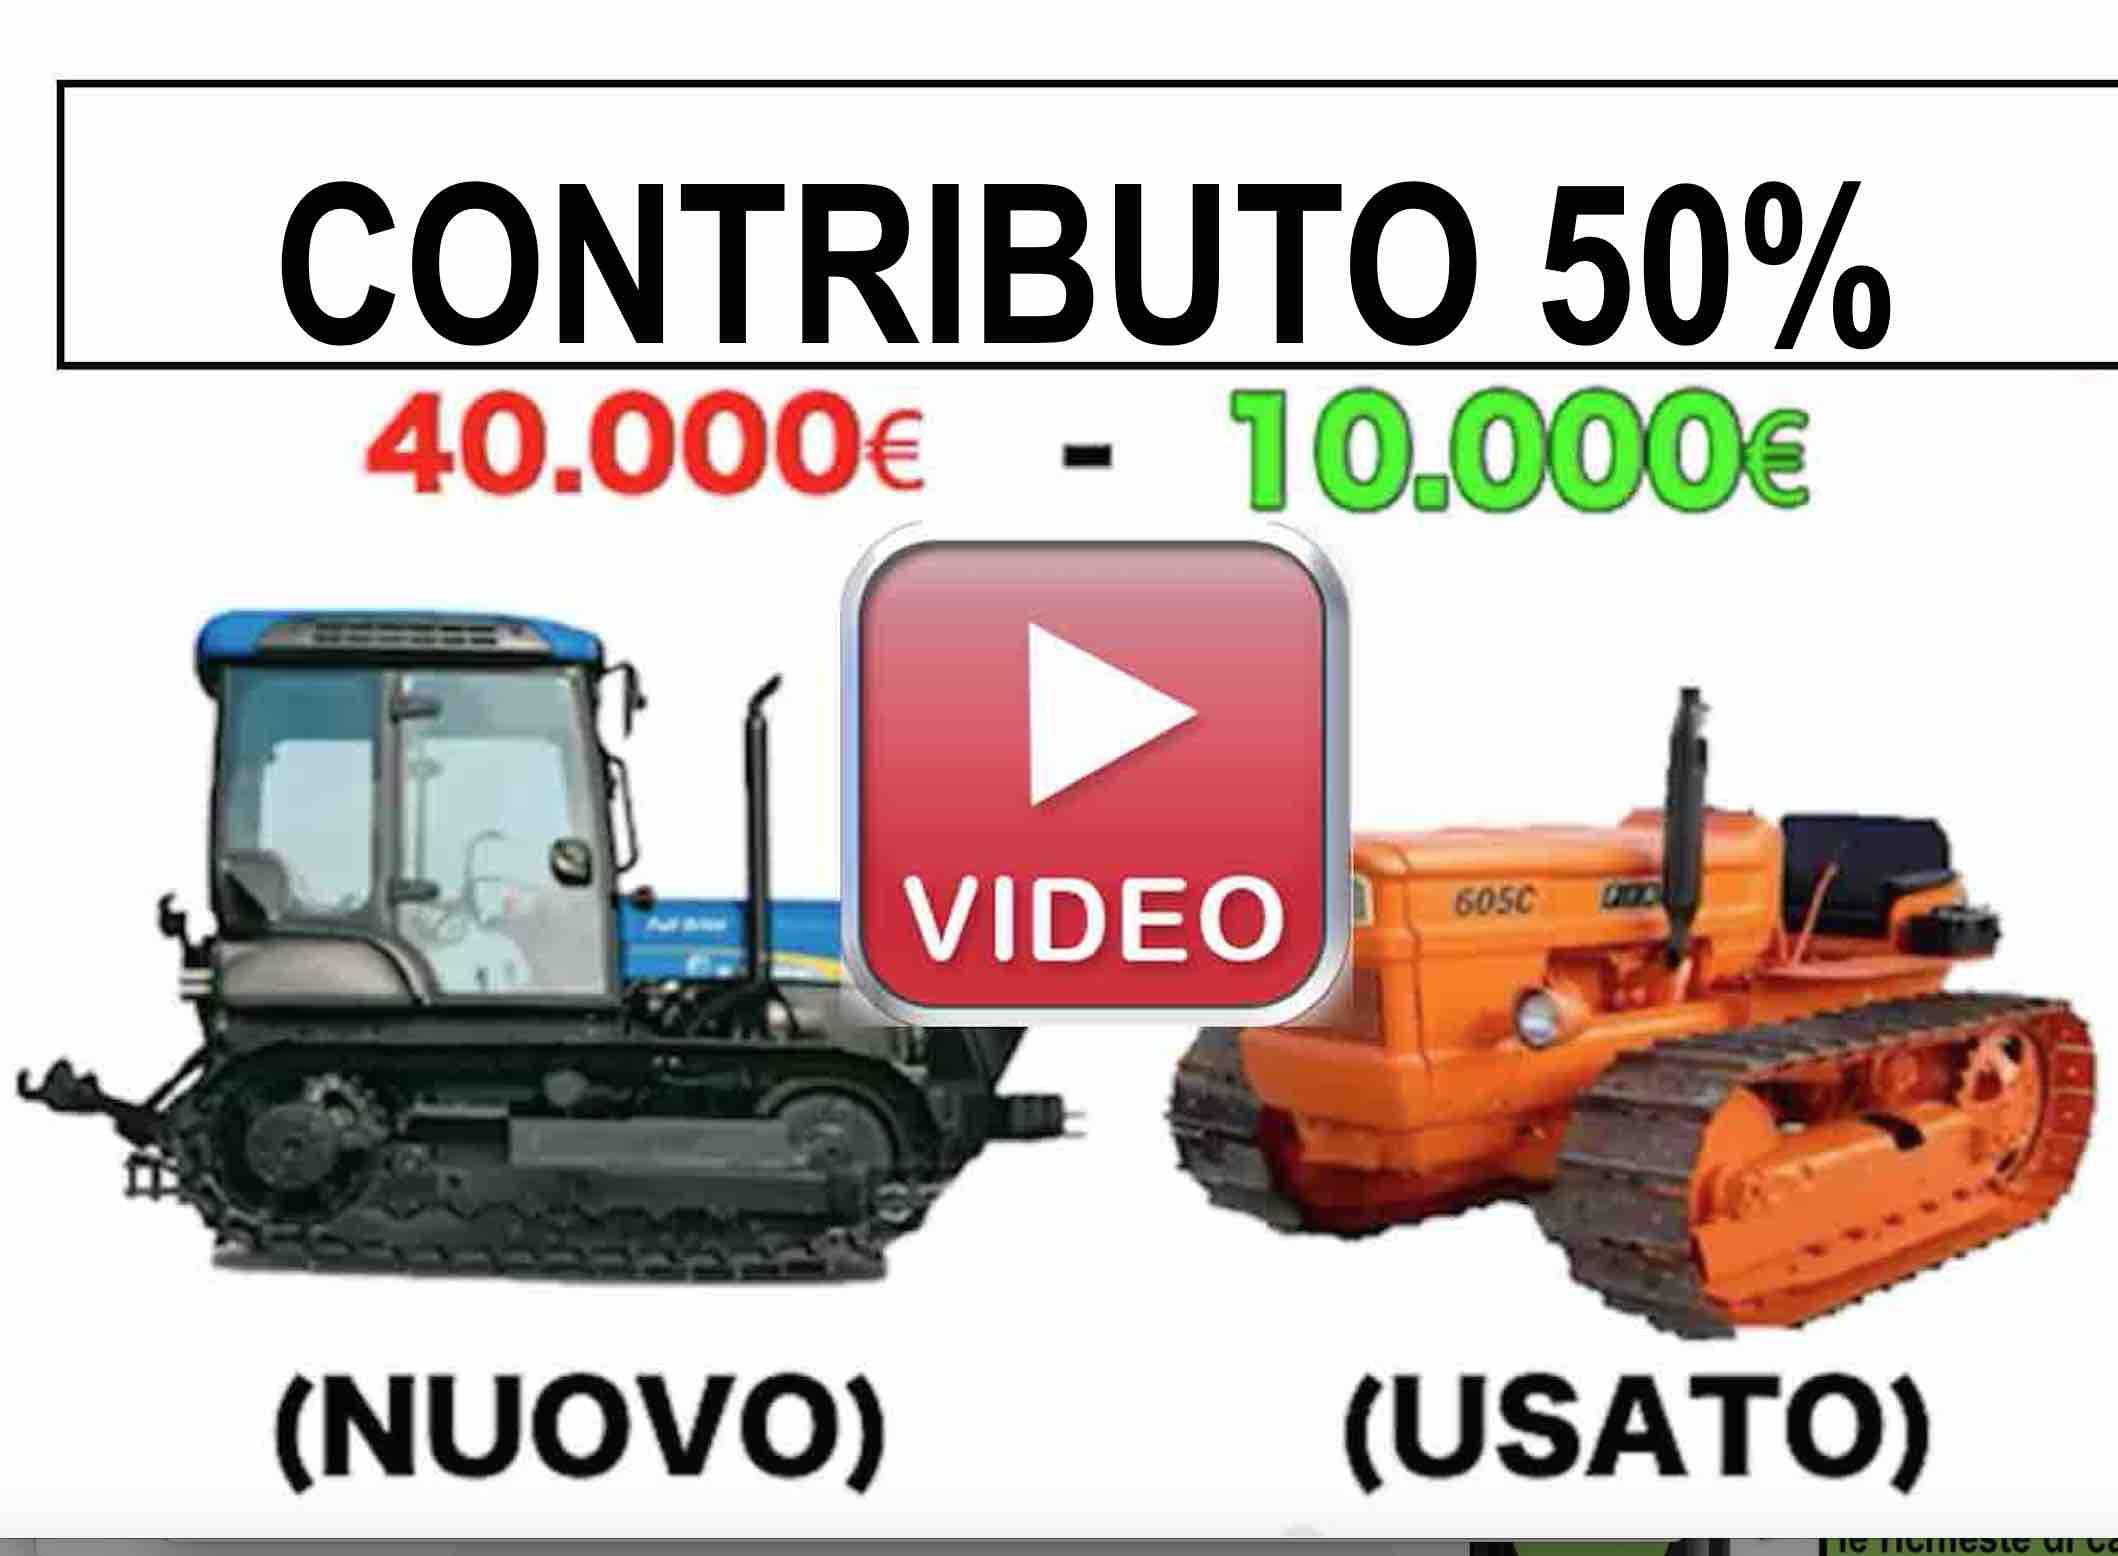 Video Contributo trattori e macchinari agricoli